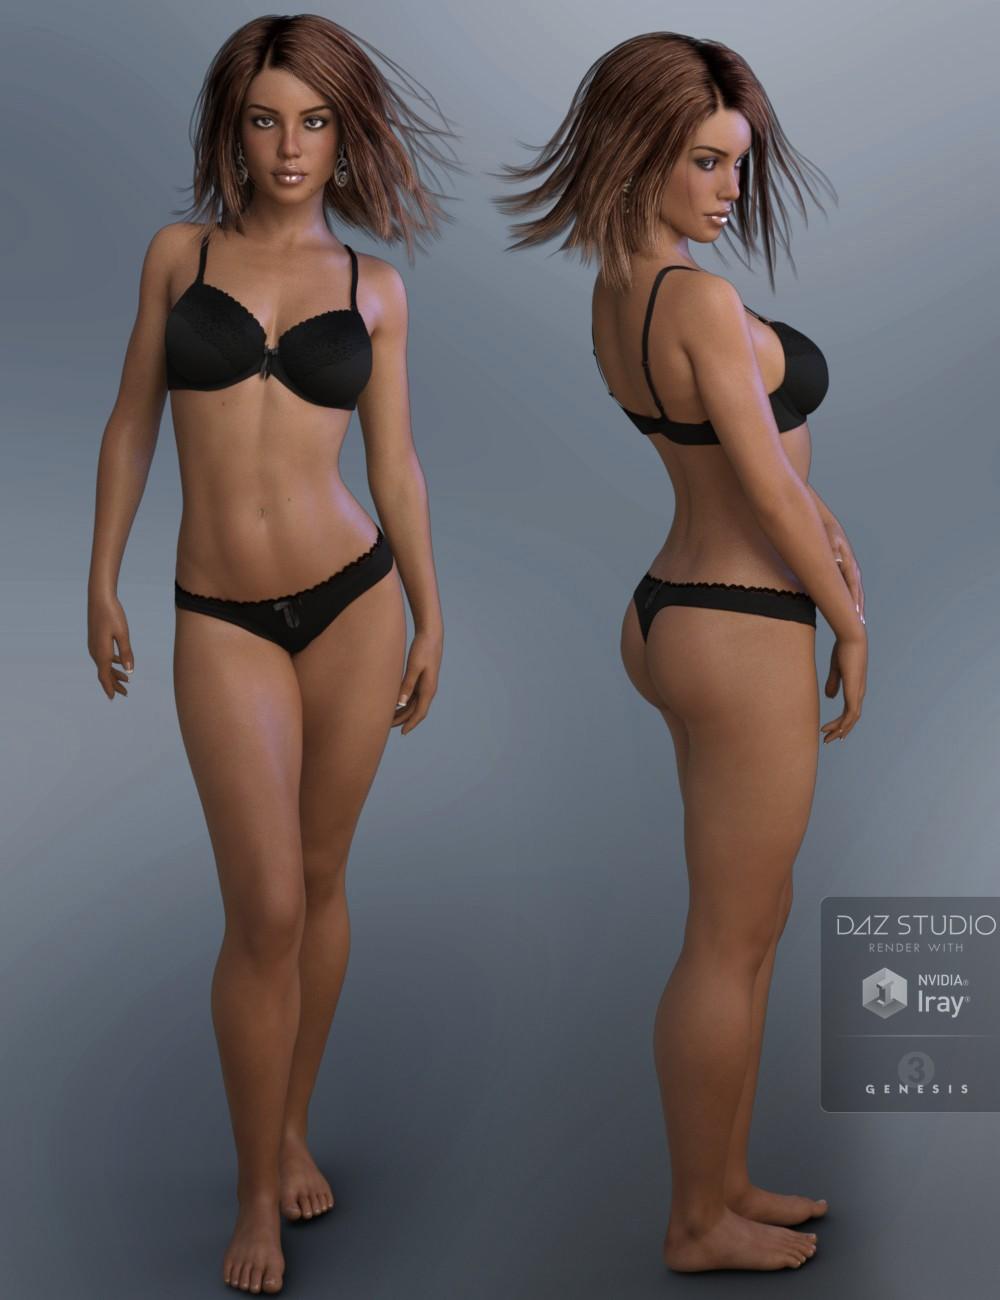 installer des modèles daz studio 4